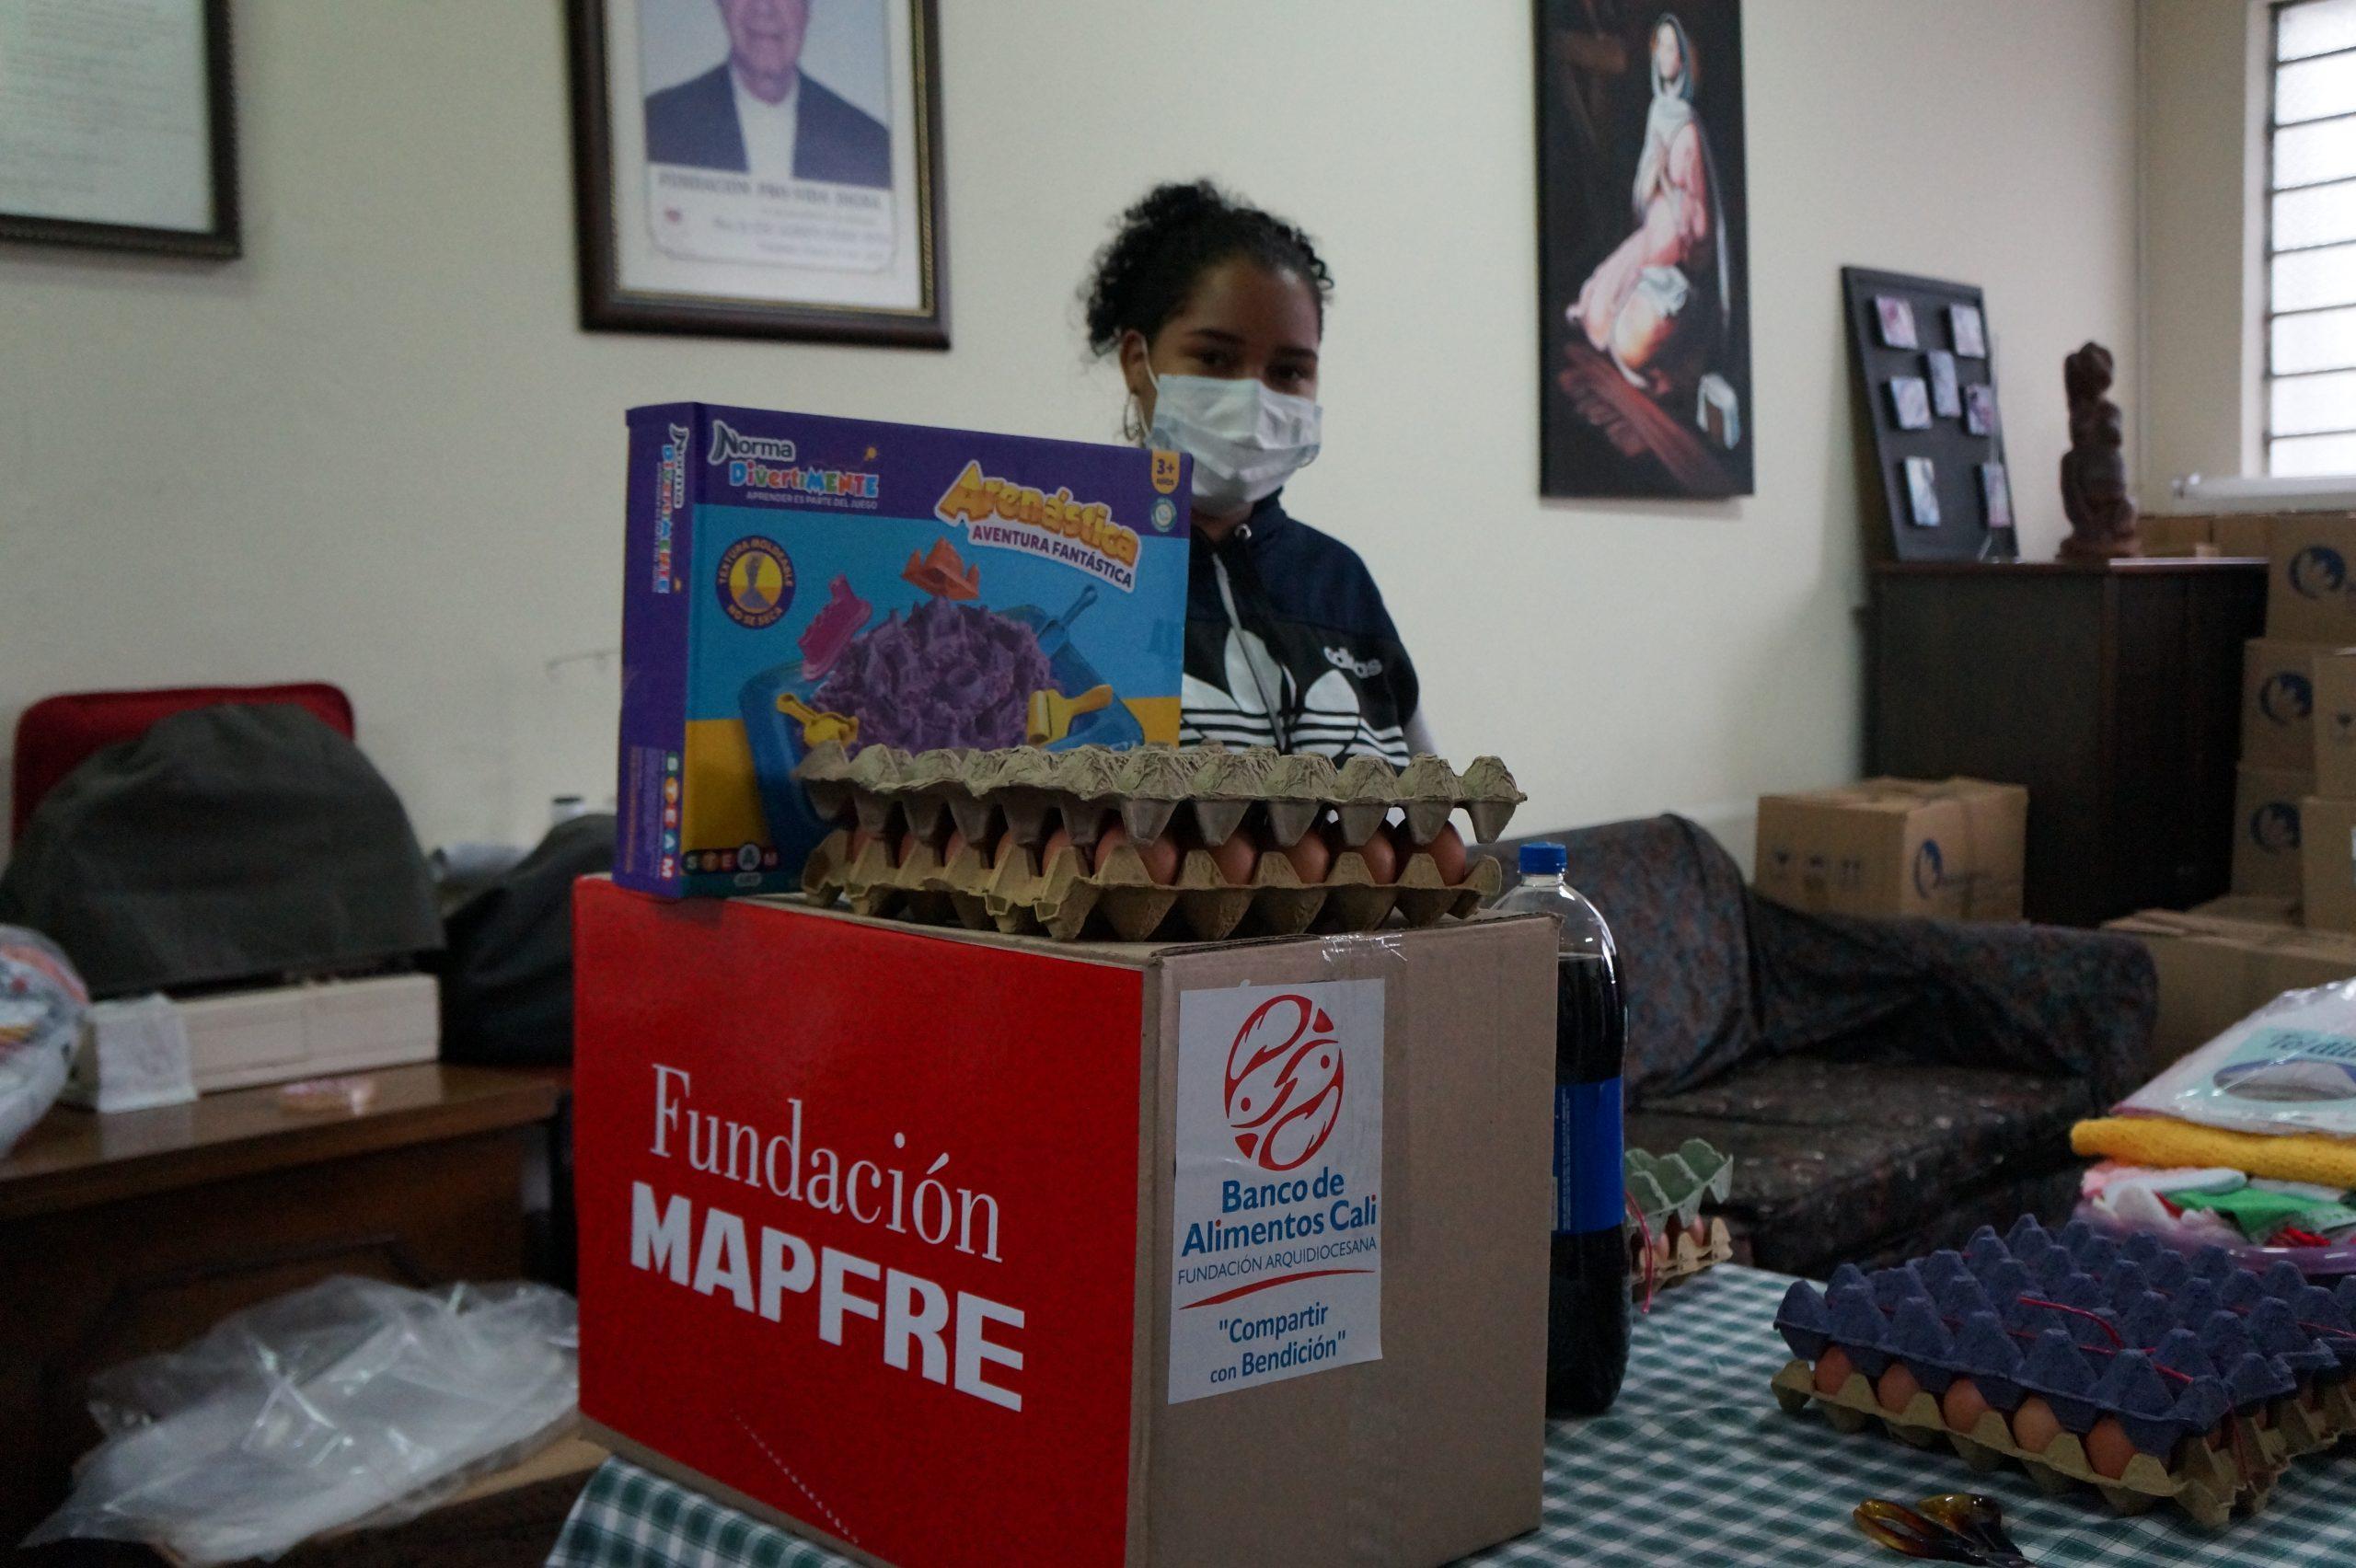 Entrega Donaciones Mapfre FUndación pro vida digna Mujeres lactantes (8)